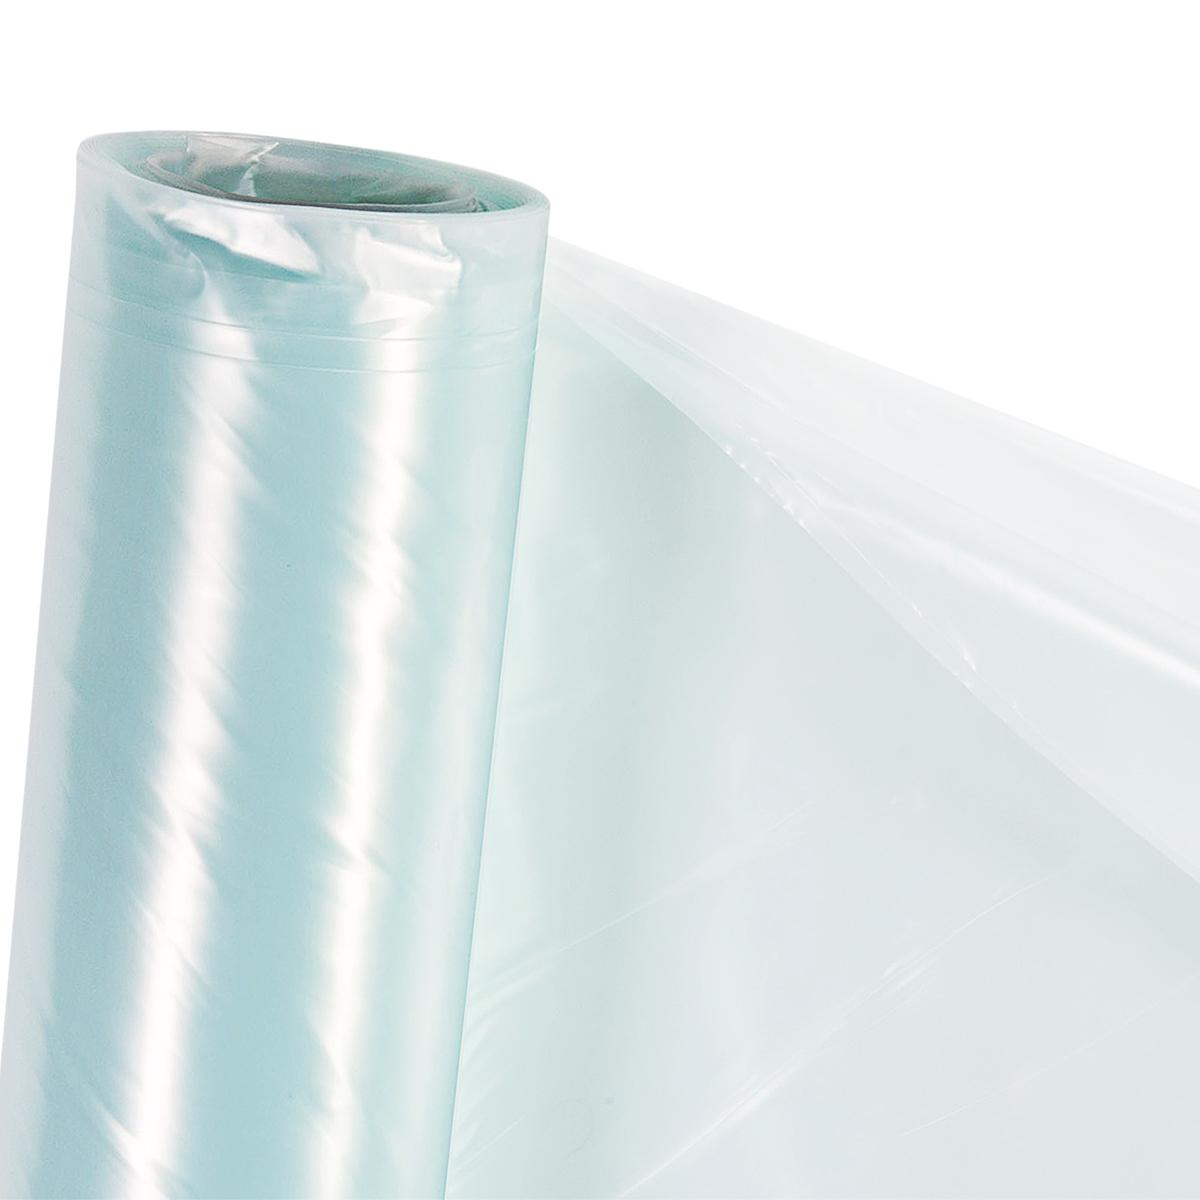 UV4 Folie in 6m Breite (Meterware) Folientunnel Treibhausfolie Gewächshausfolie